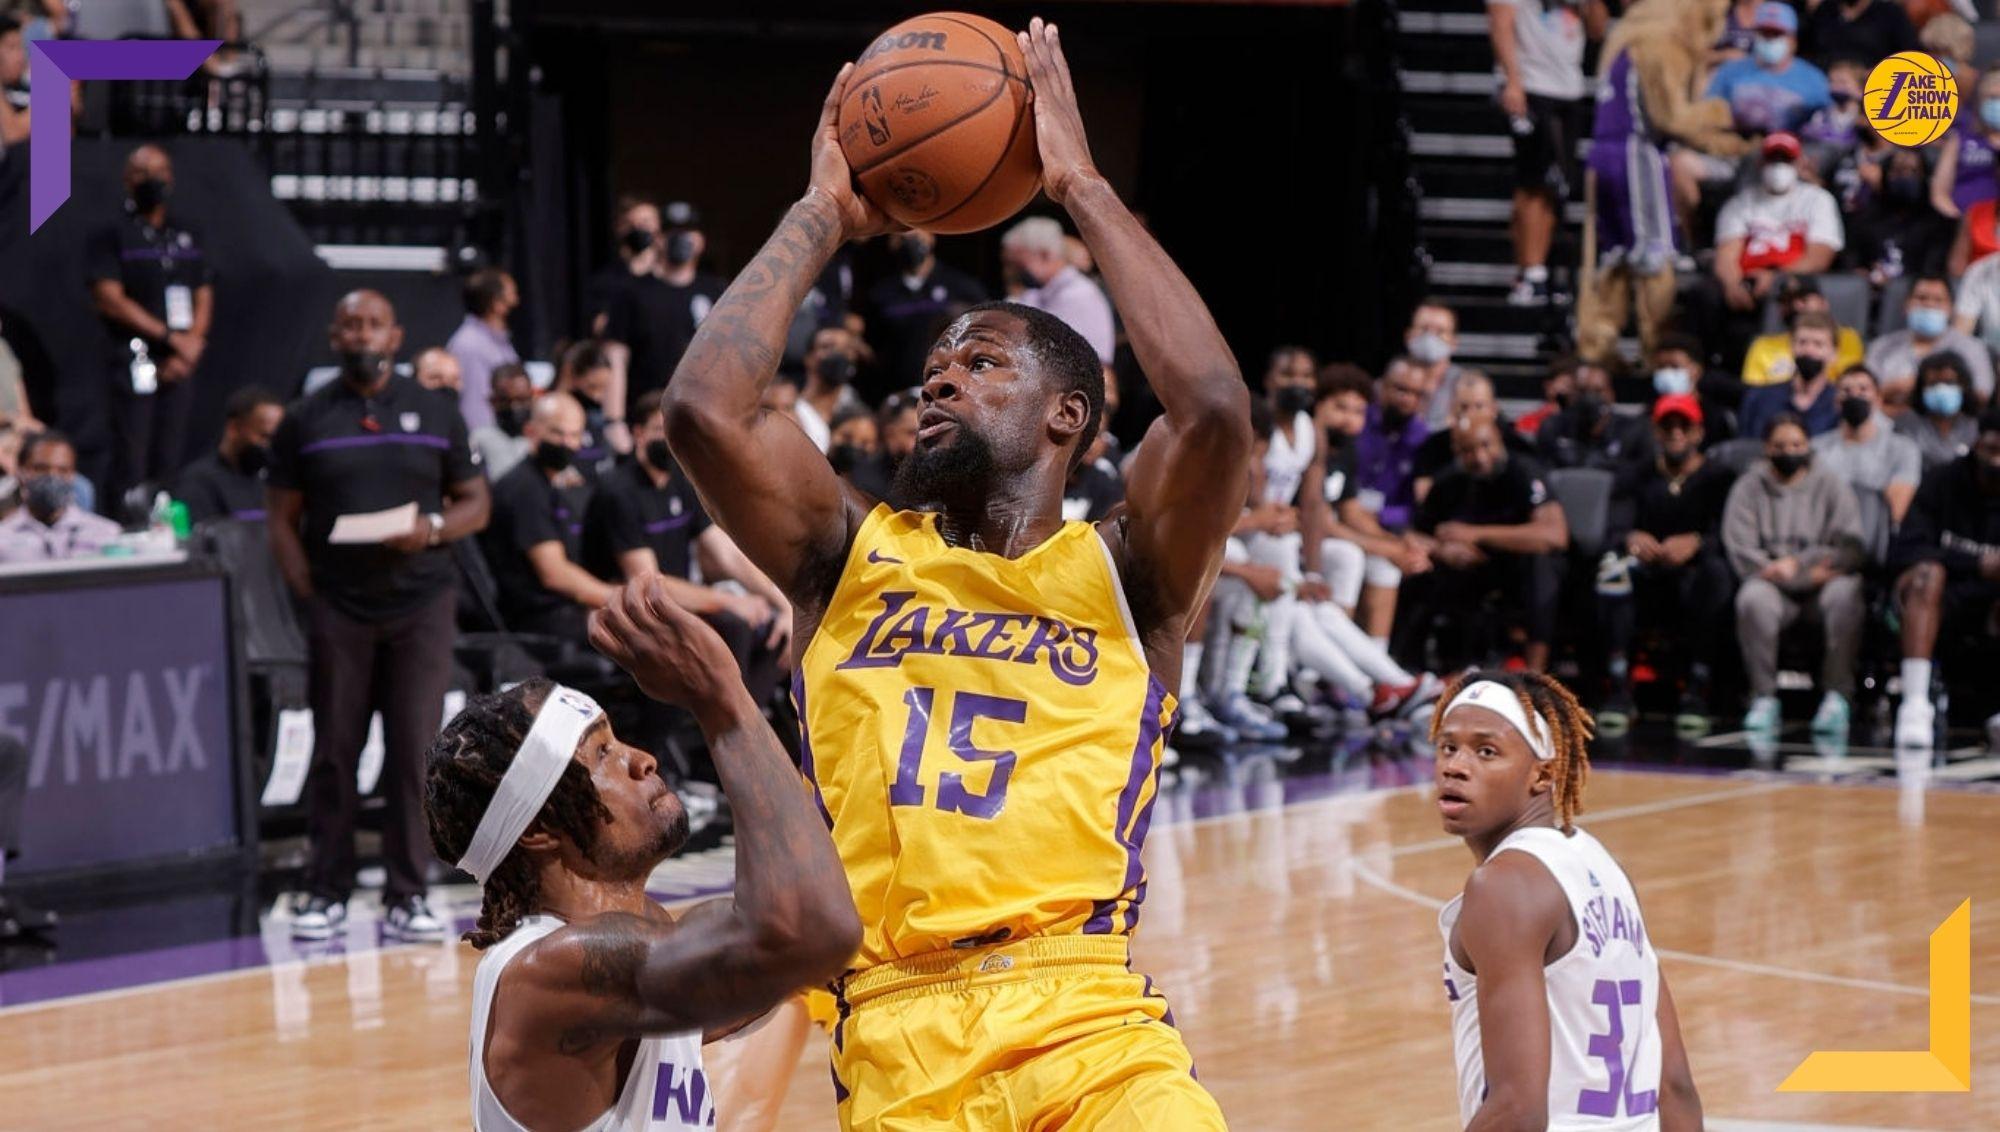 I Los Angeles Lakers chiudono la California Classic Summer League con un bel successo contro i Kings. Bene Cacok, Brown, Reaves e McClung.